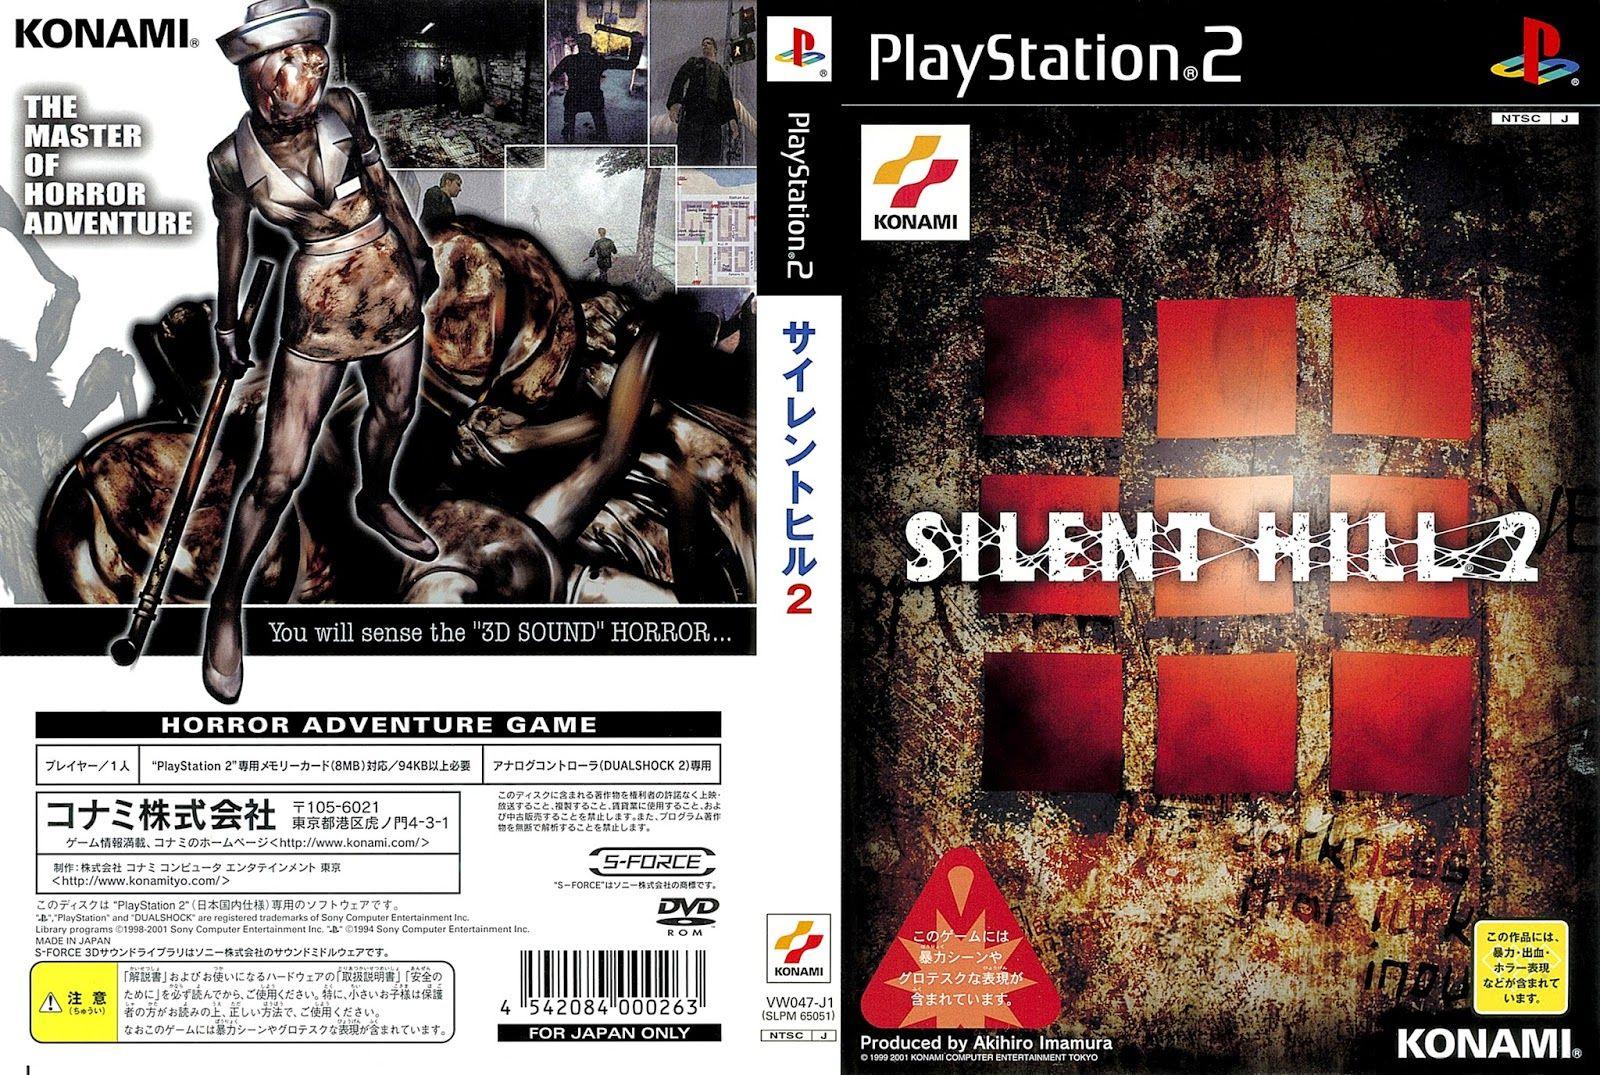 サイレント ヒル2 の日本にボックスアート Silent Hill 2